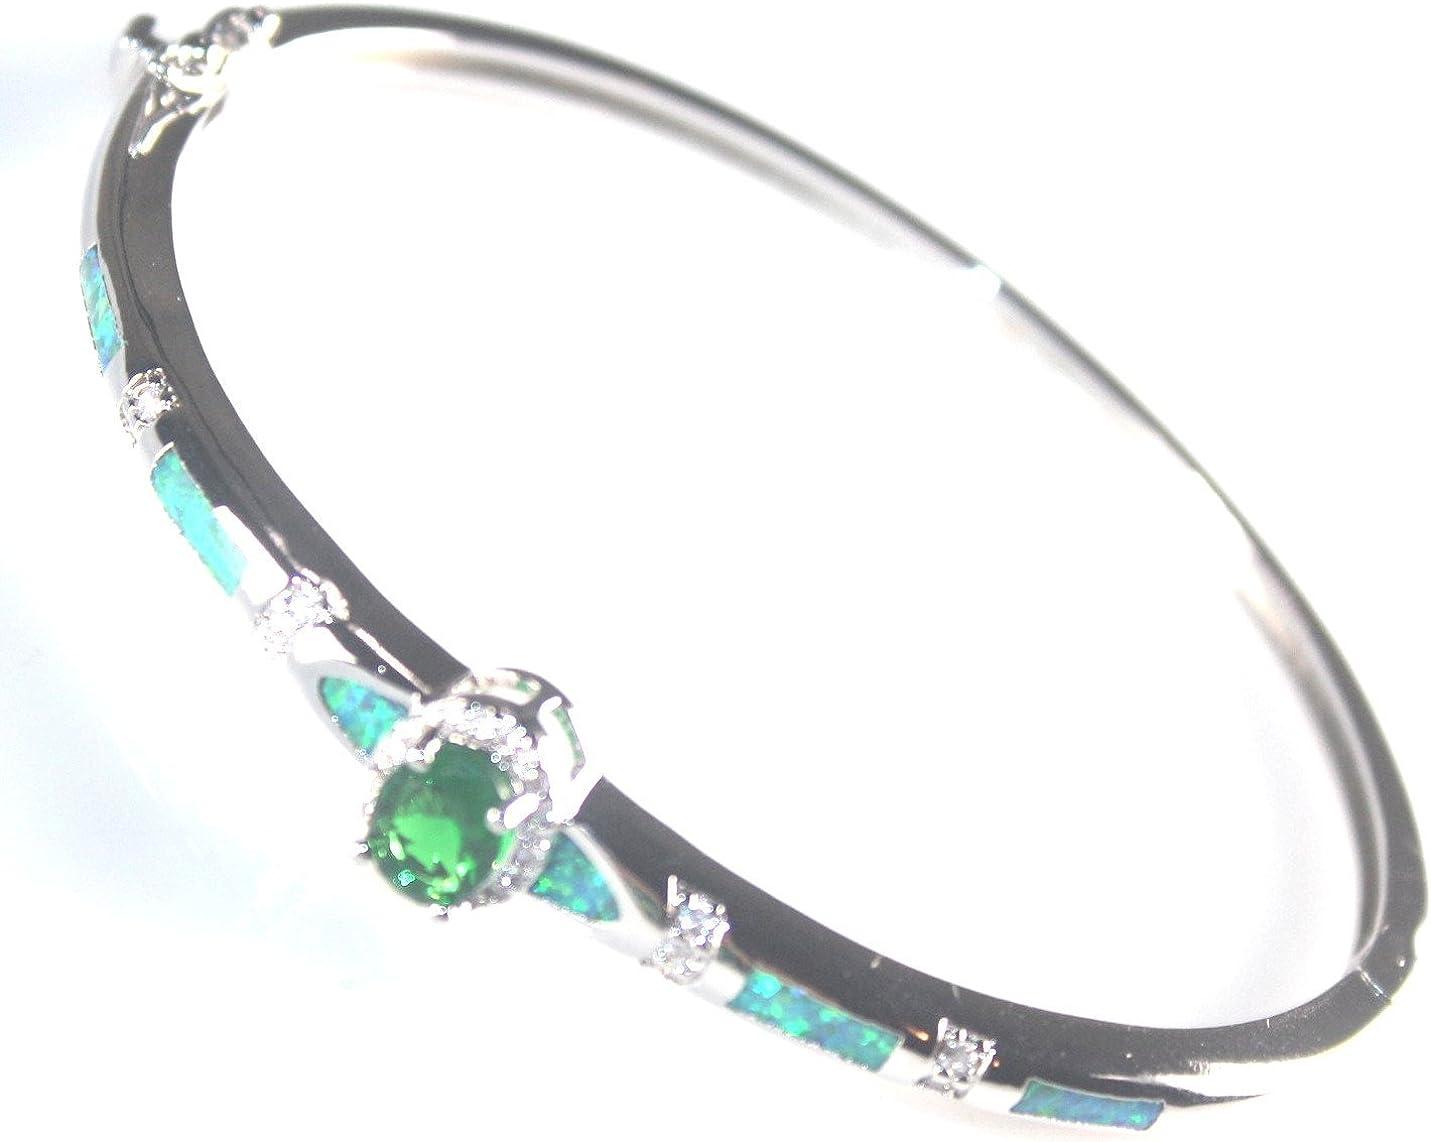 SilverstoneTX SILVER Elegant Blue Fire Opal /& Blue Topaz Oval Stud Earrings Woman Gift